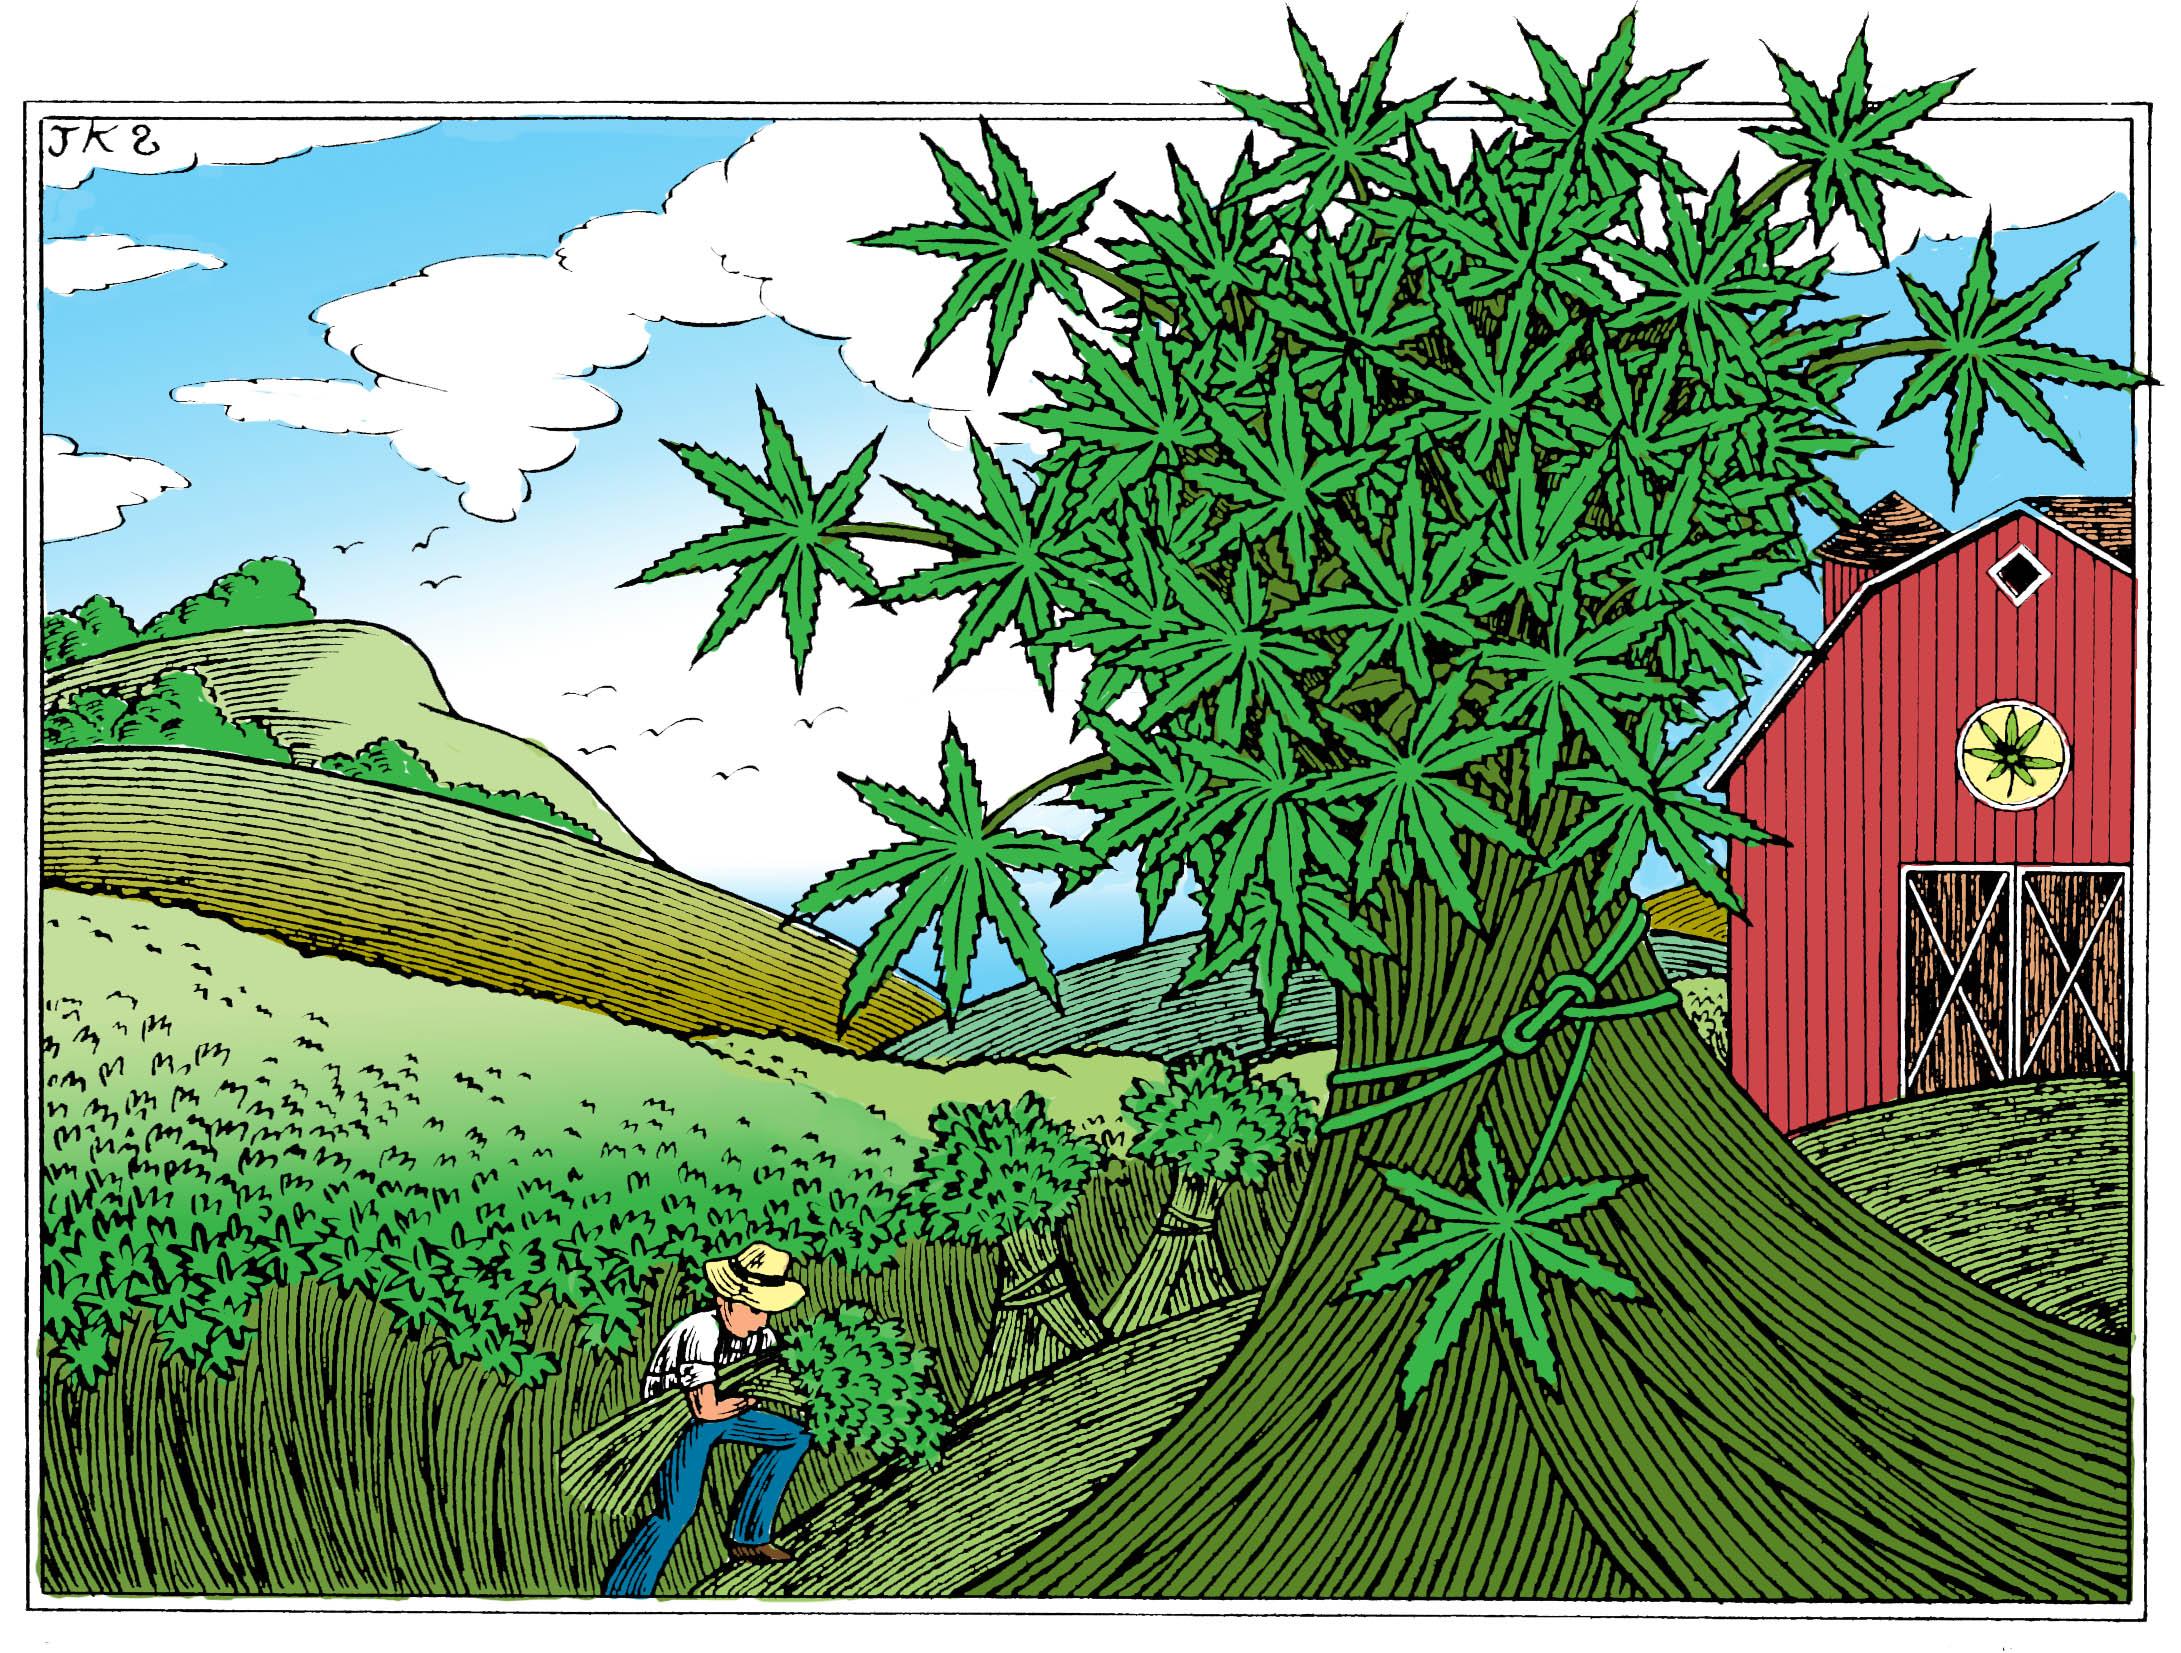 Legalizing Weed